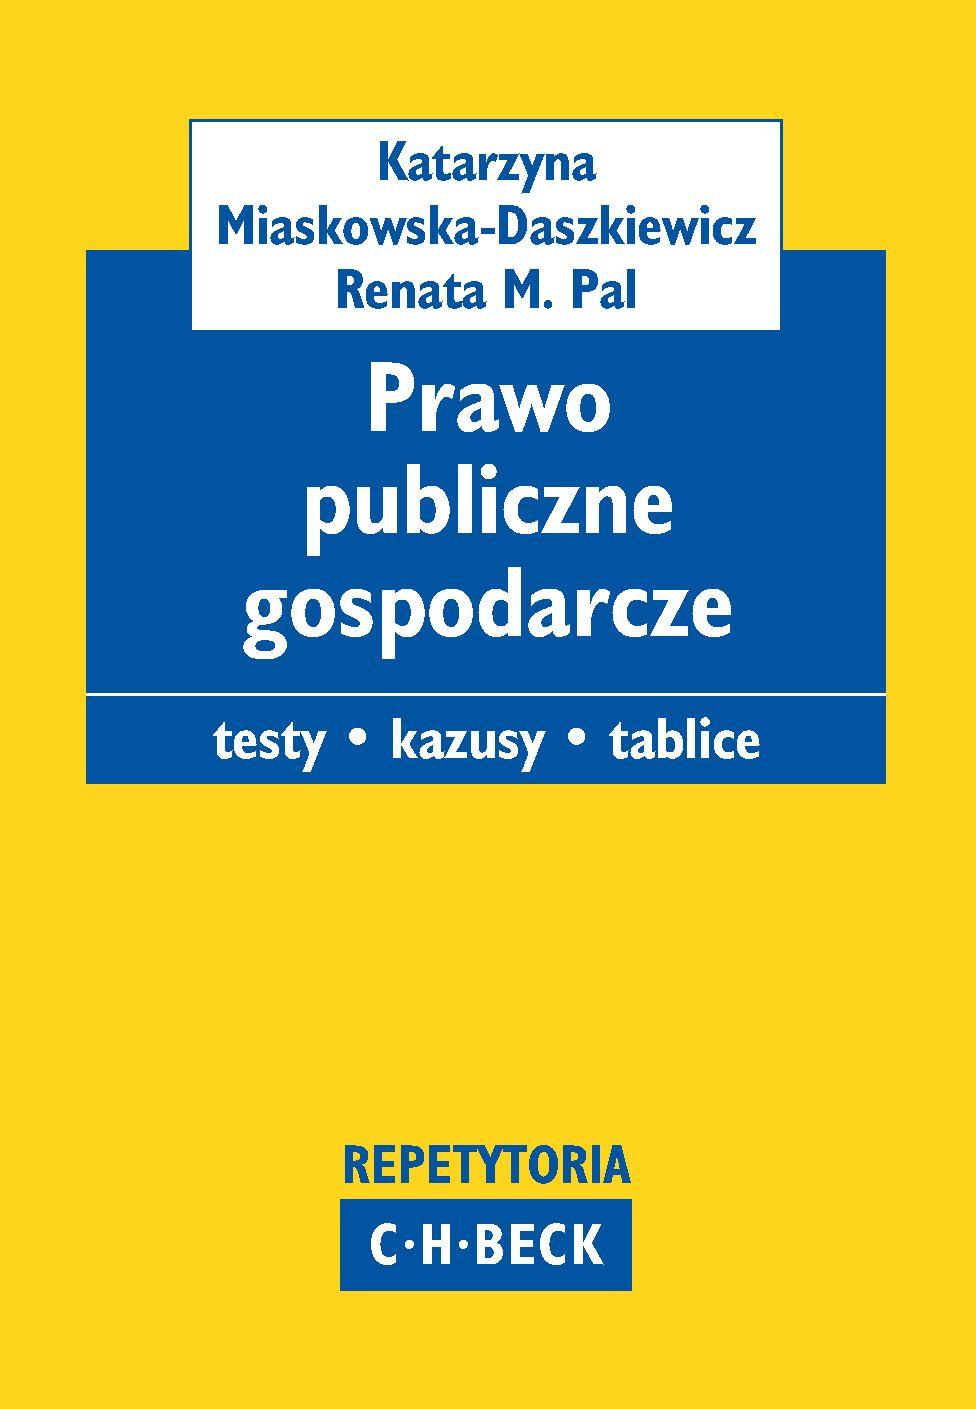 Prawo publiczne gospodarcze. Pytania. Kazusy. Tablice - Ebook (Książka PDF) do pobrania w formacie PDF